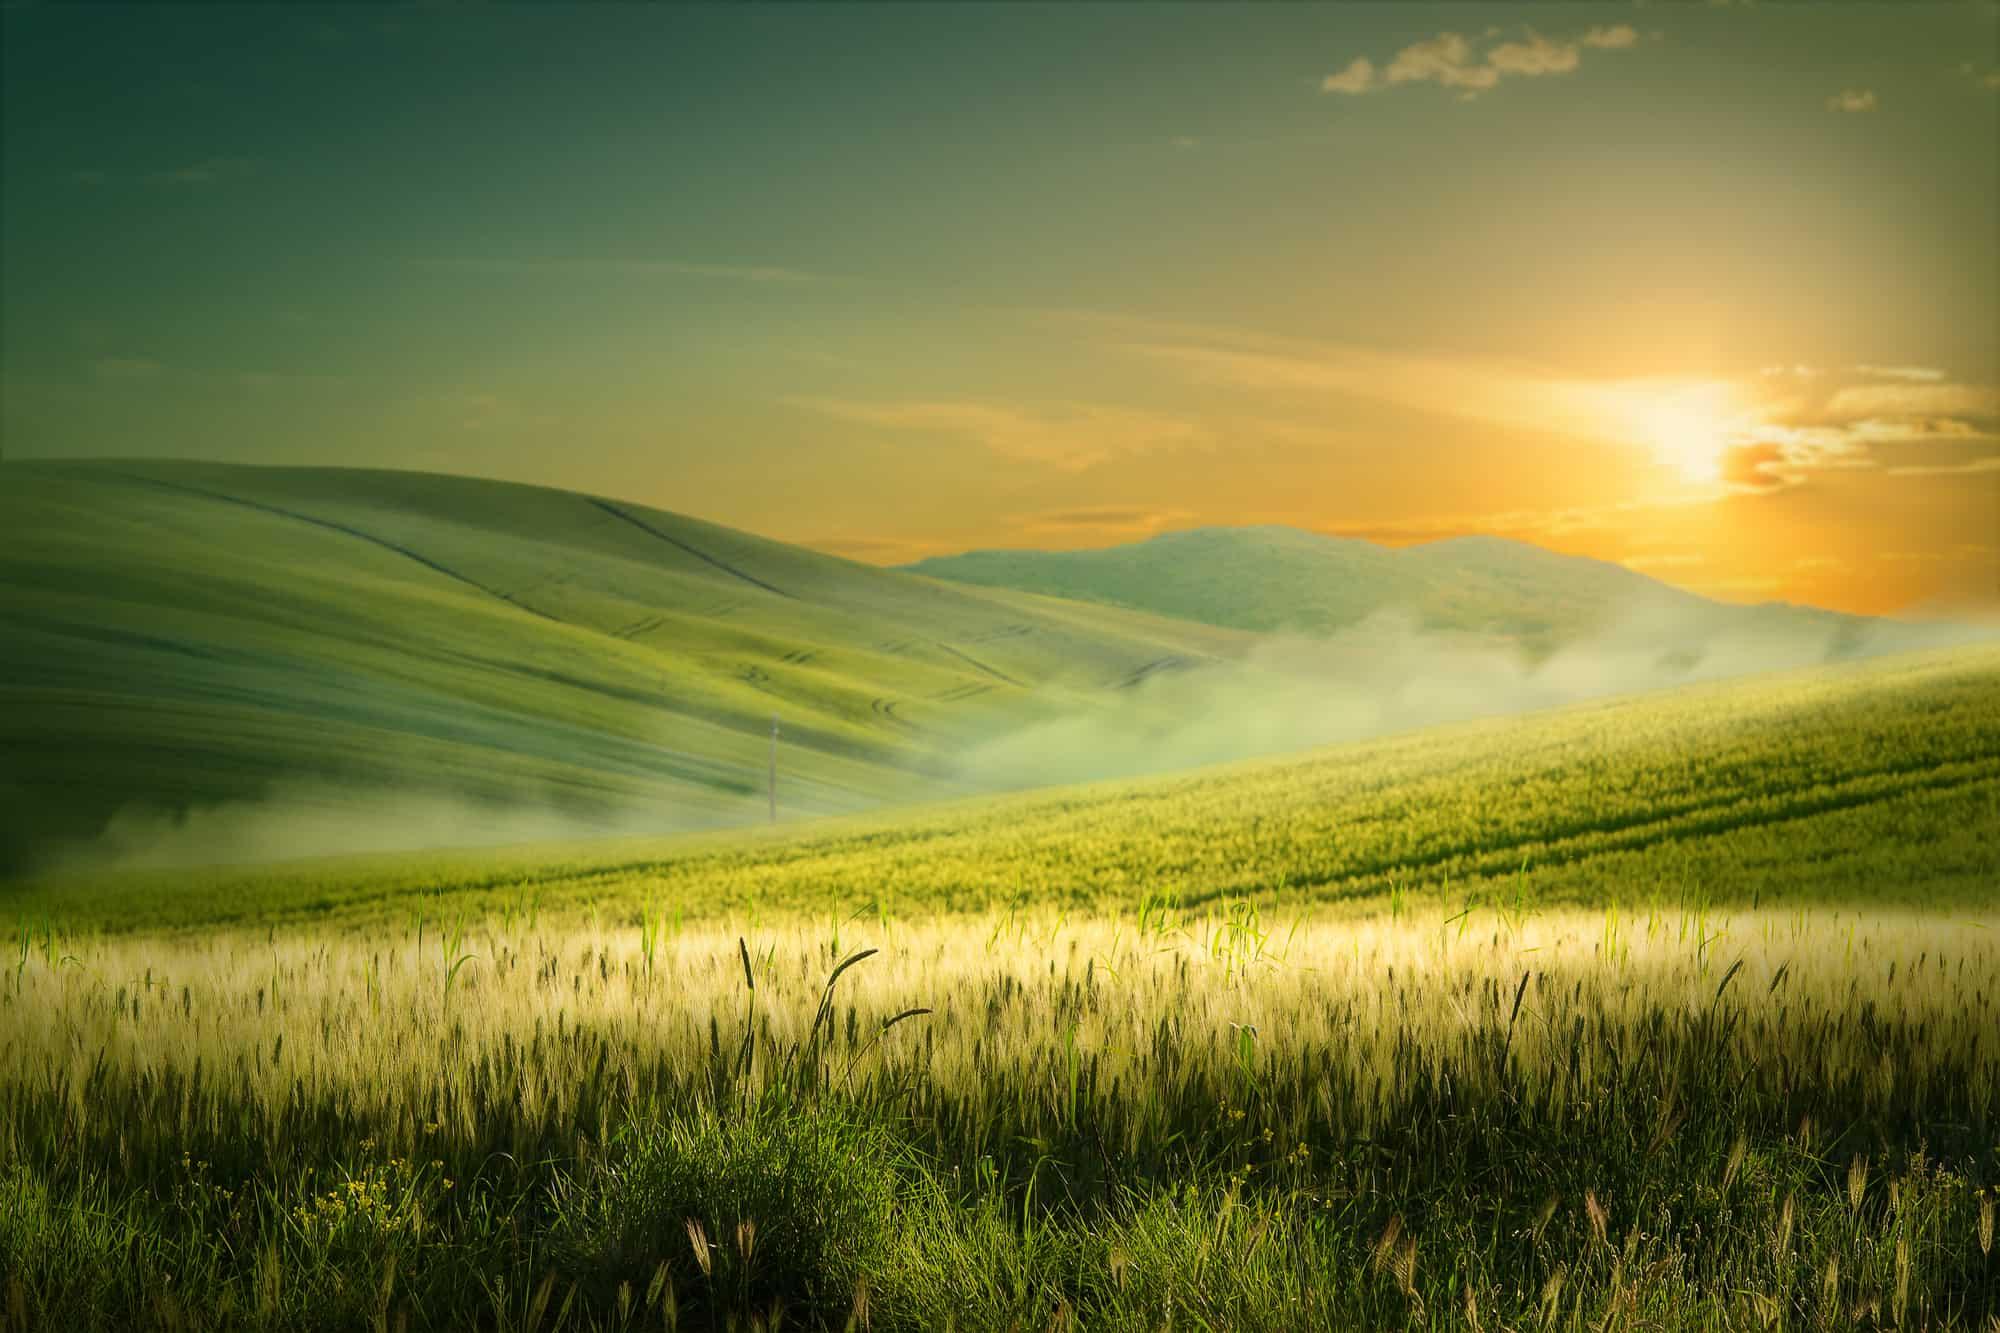 Basics of Landscape Photography